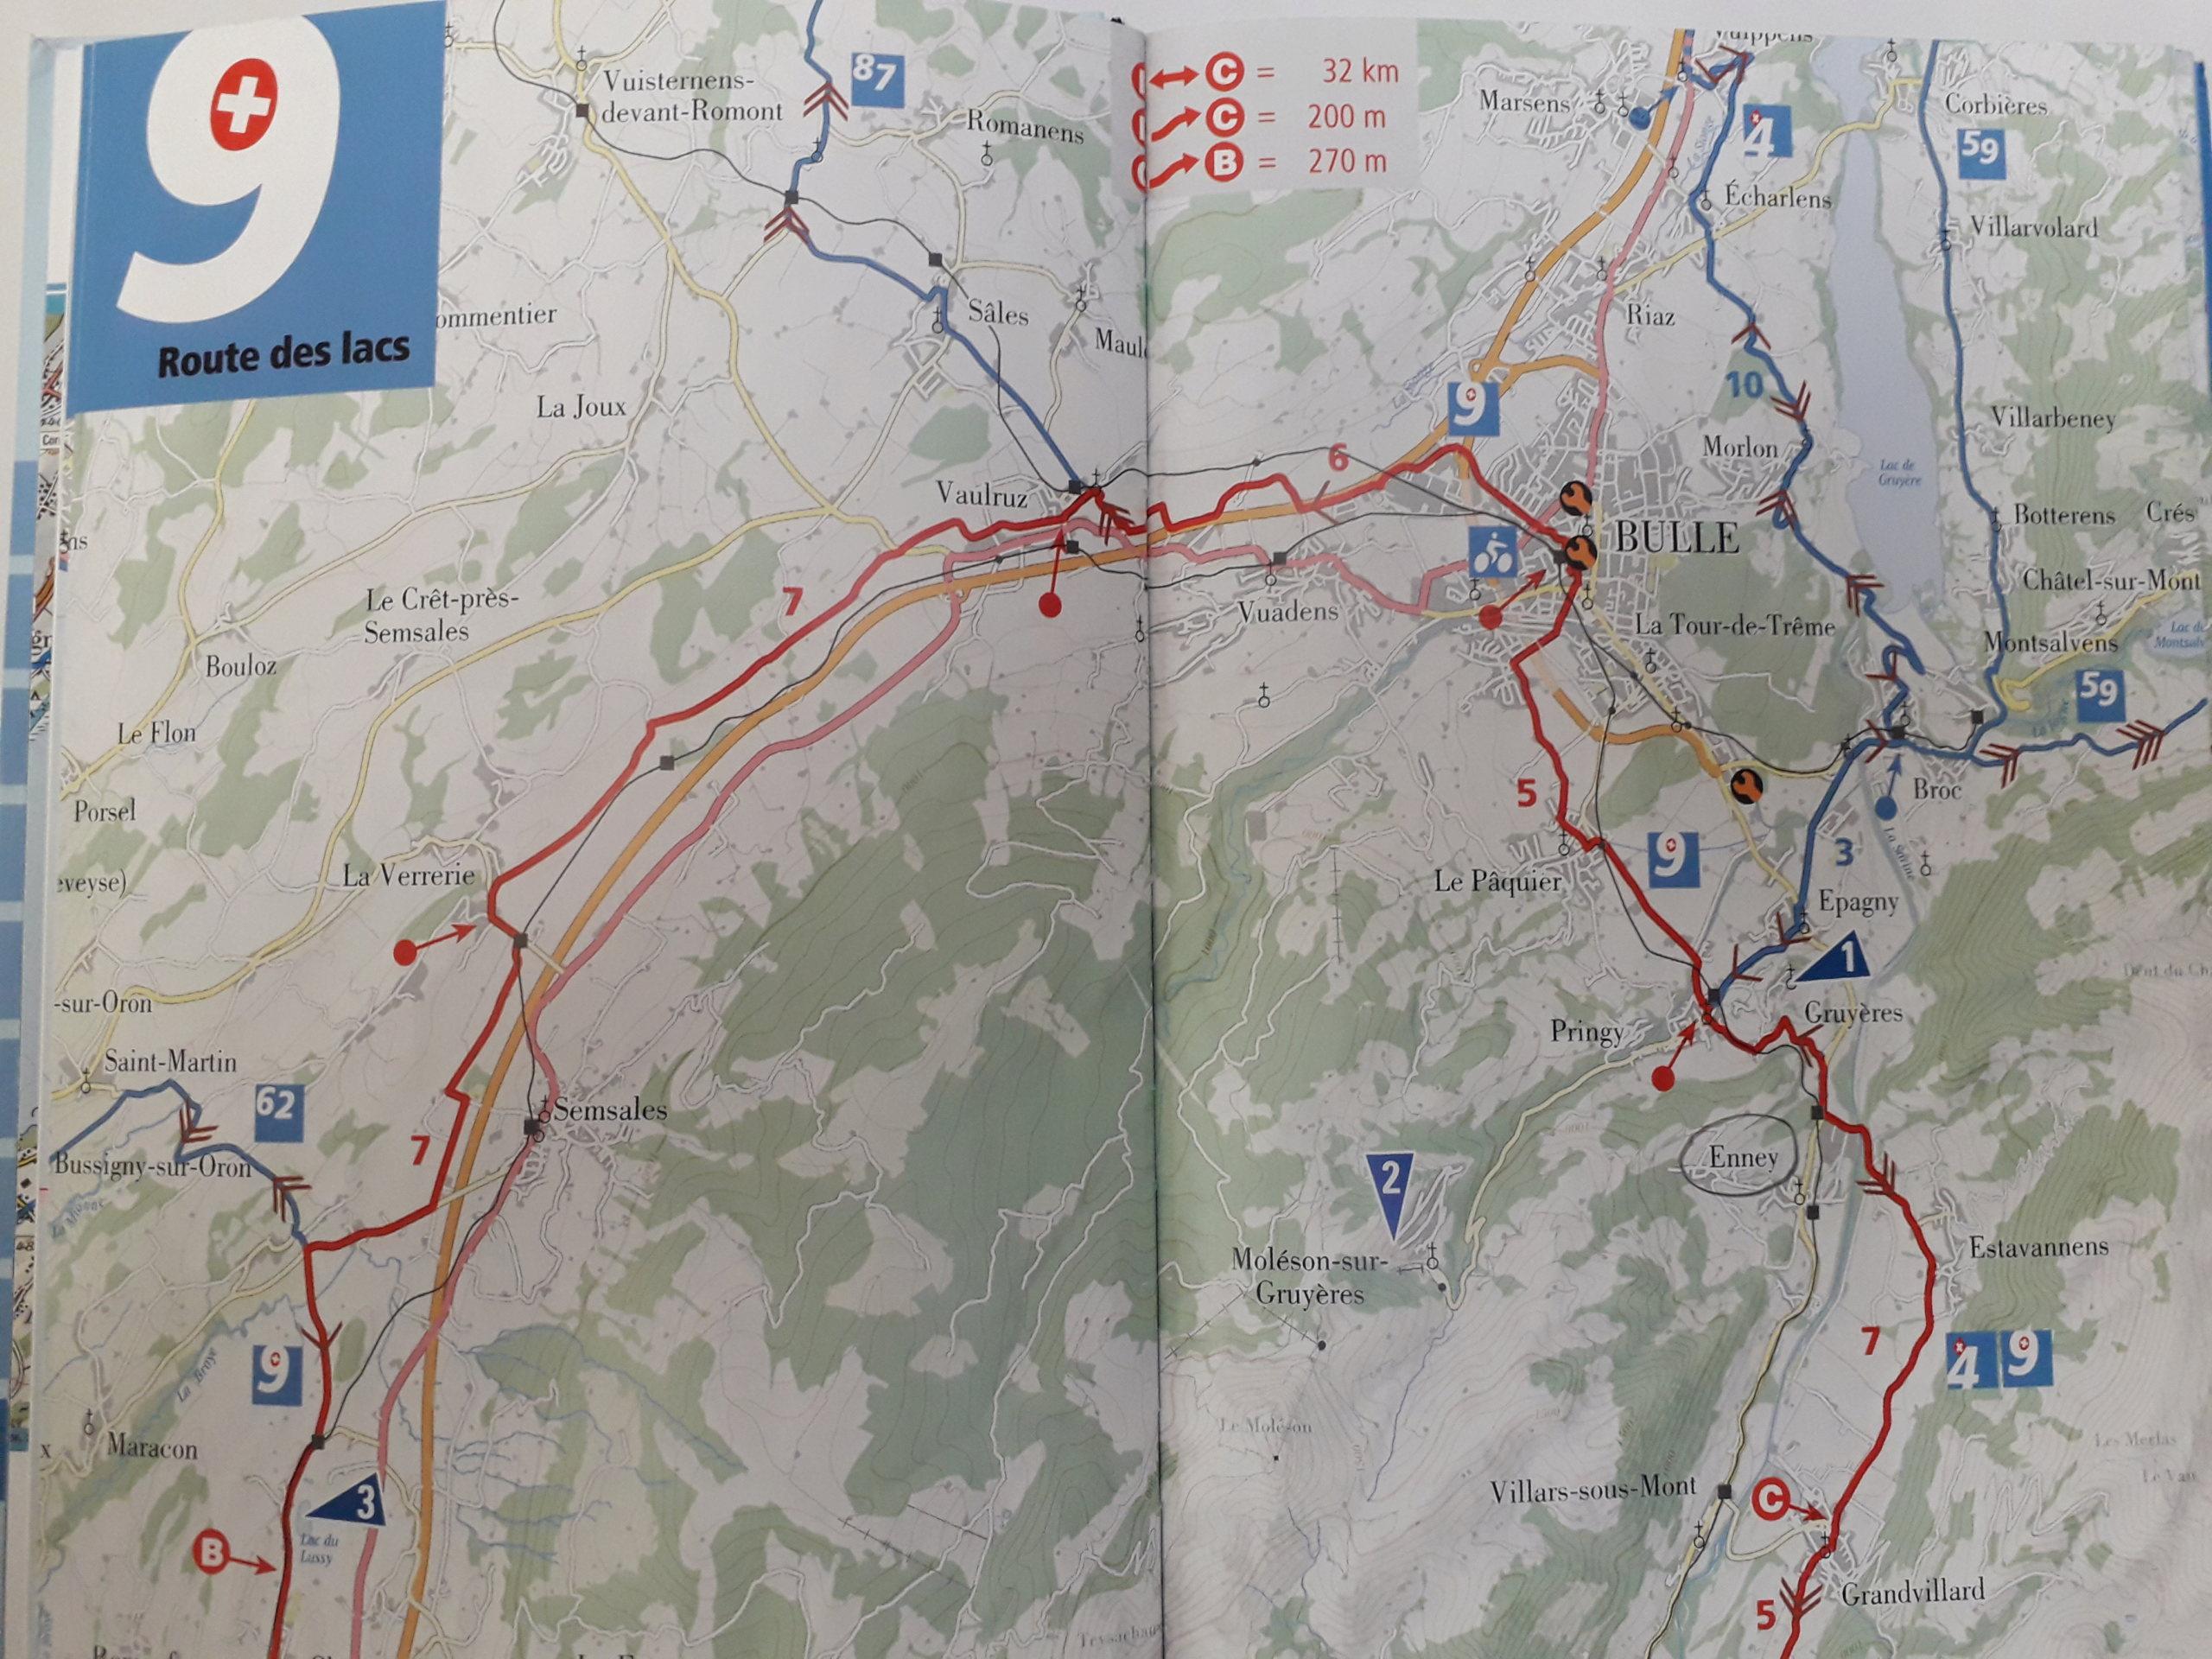 La Route des lacs - Suisse [7 au 12 juin] saison 14 •Bƒ 20190512